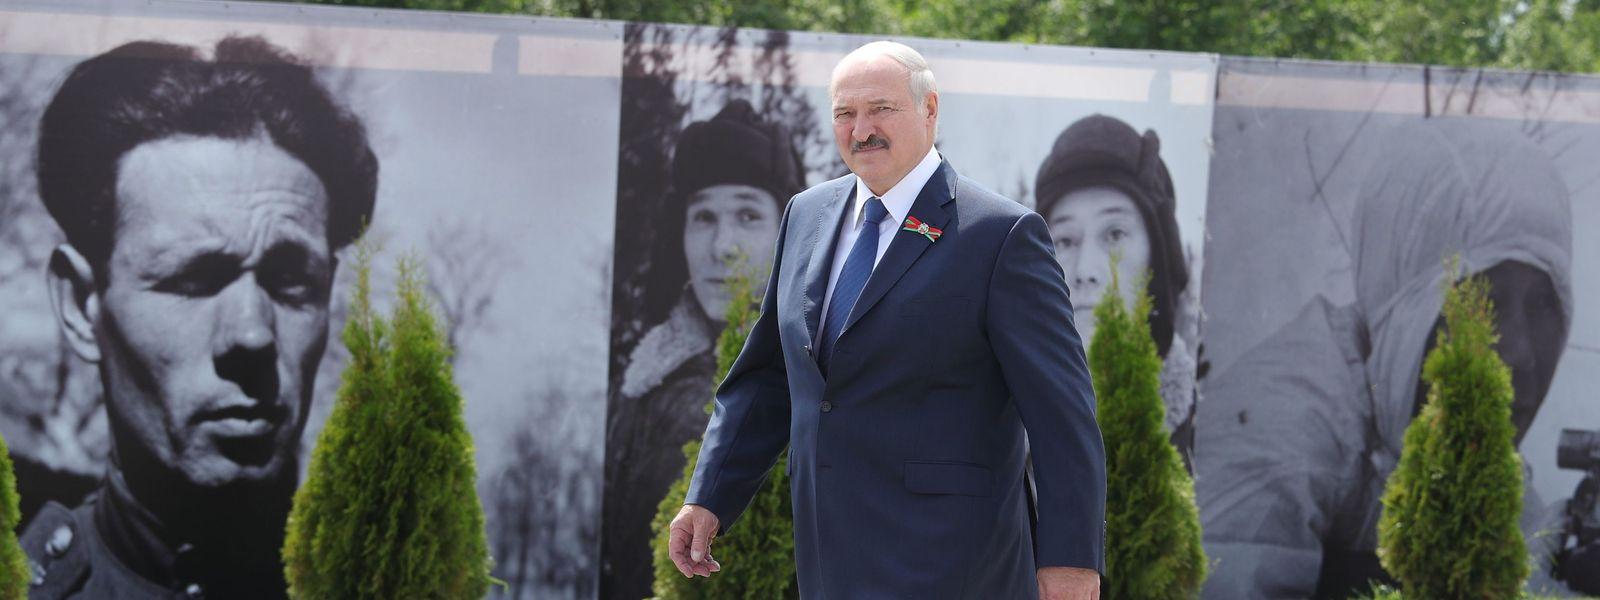 Weissrusslands Präsident Alexander Lukaschenko kandidiert für eine sechste Amtszeit.